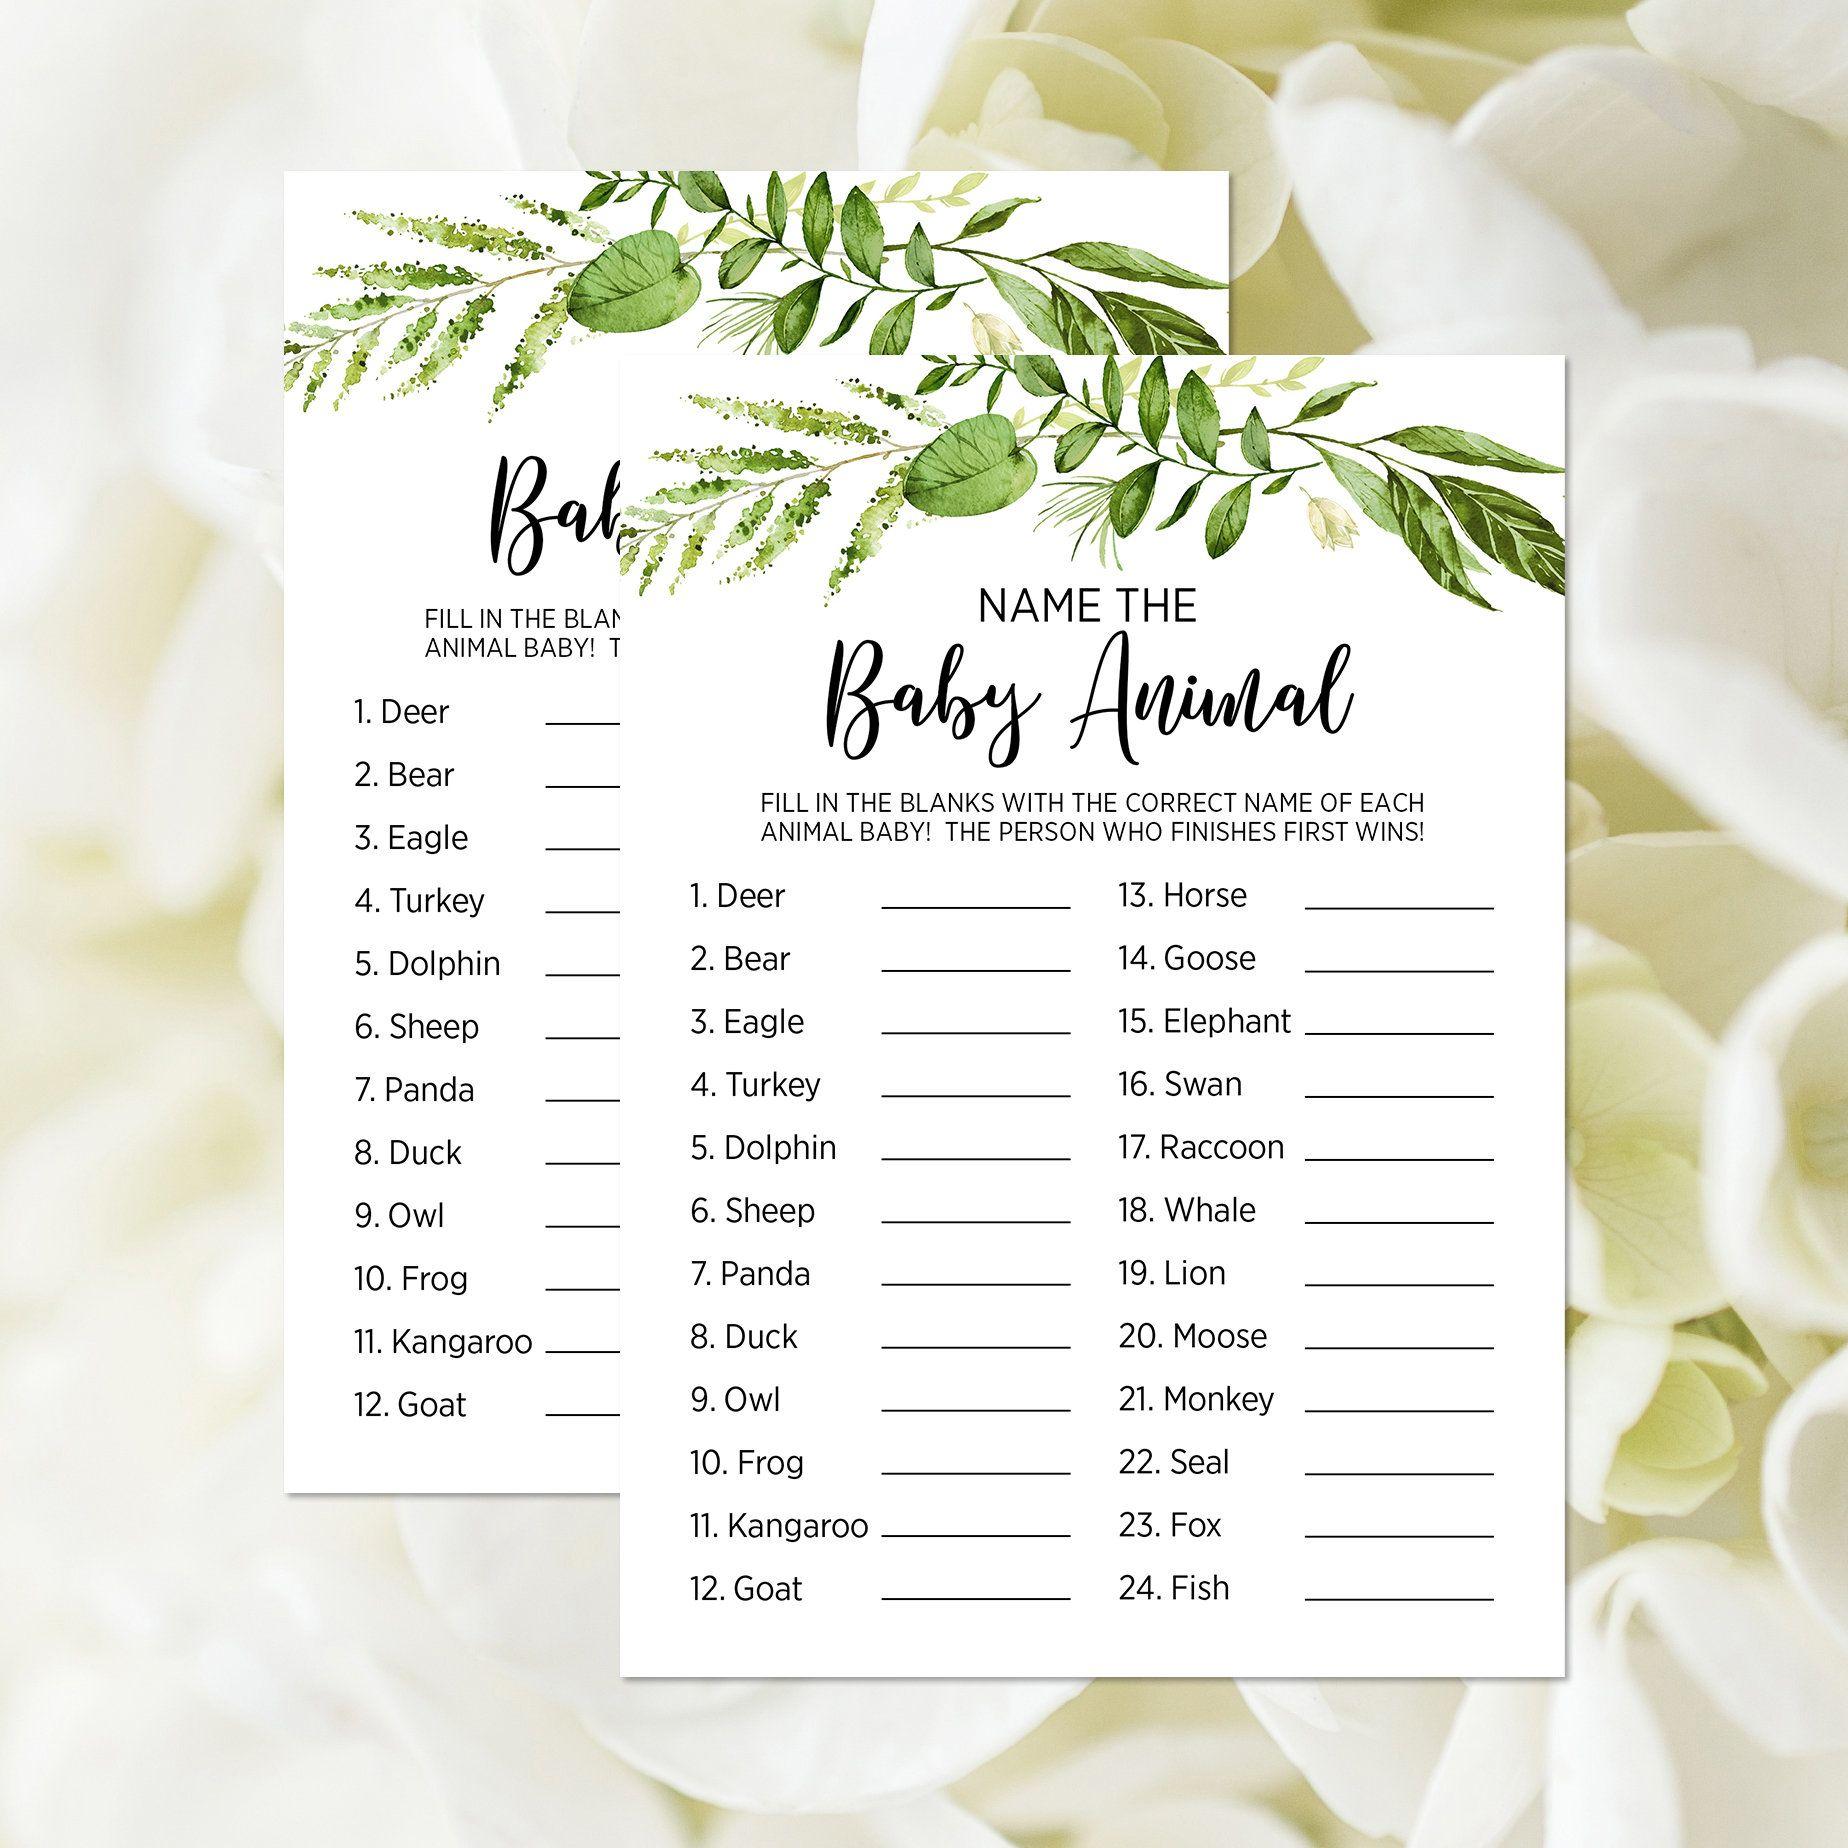 Printable Name The Baby Animal Game Card Baby Animal Name